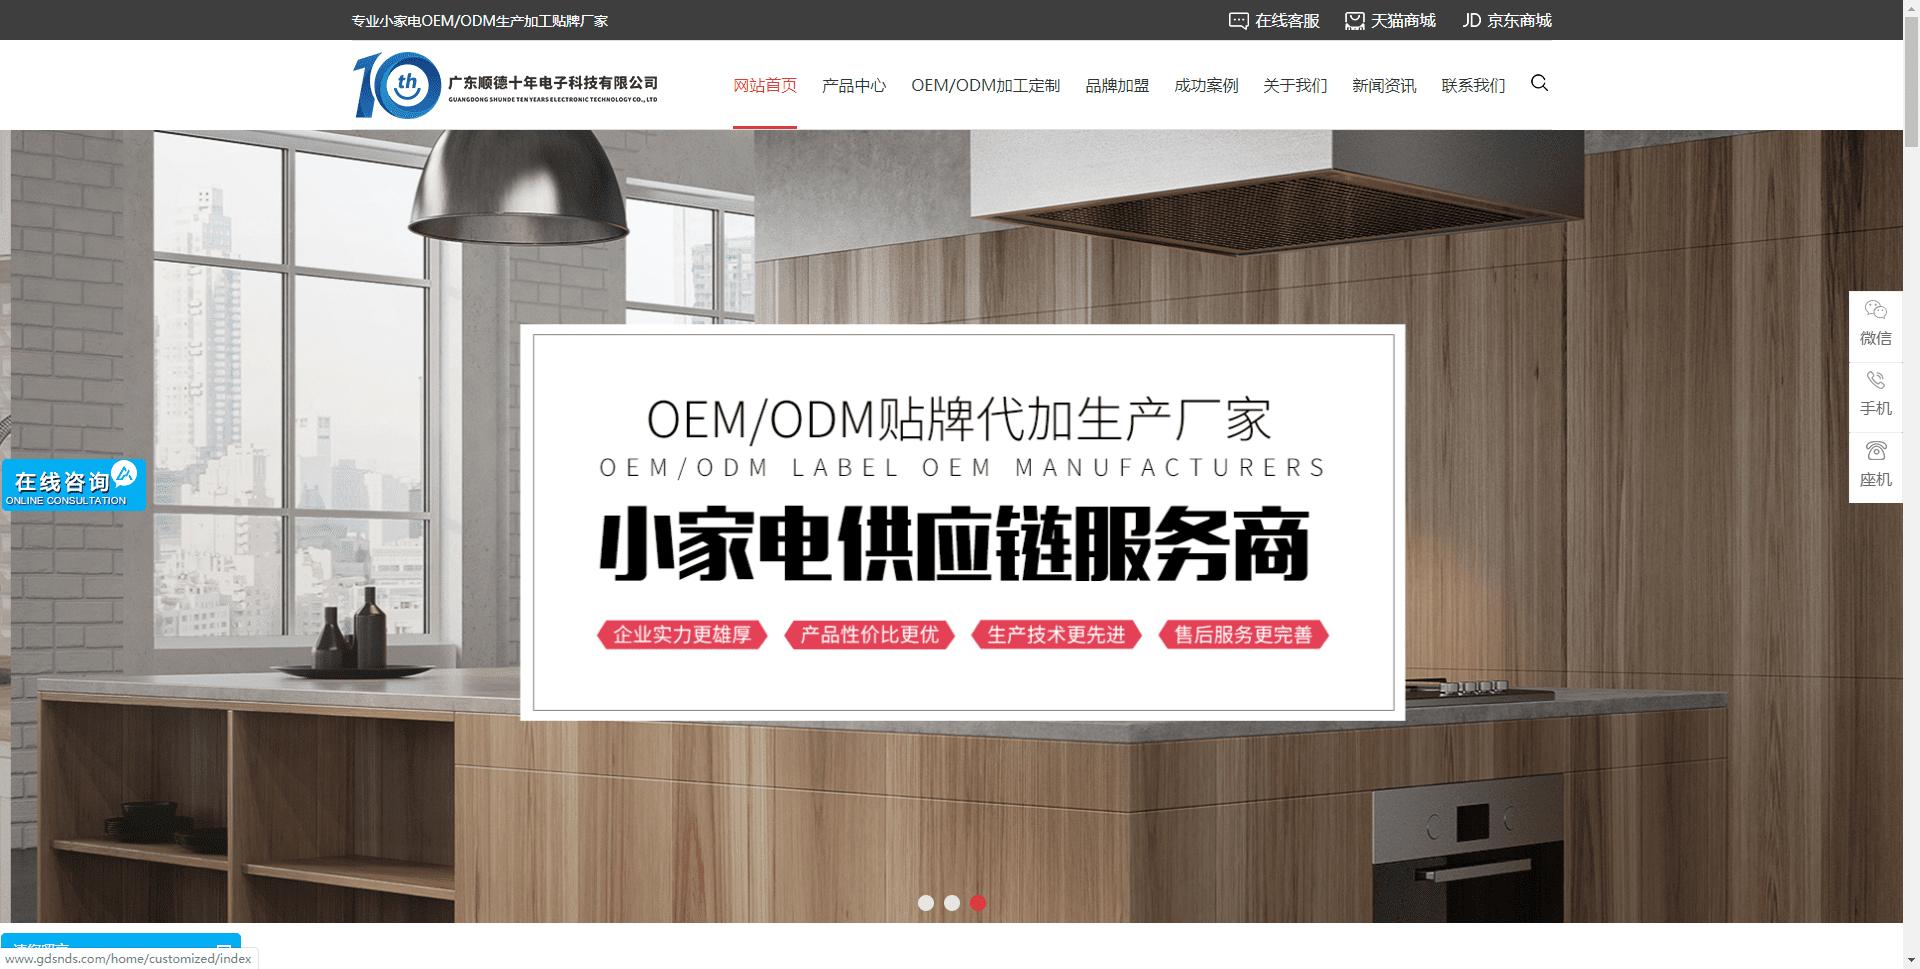 广东顺德十年电子科技有限公司